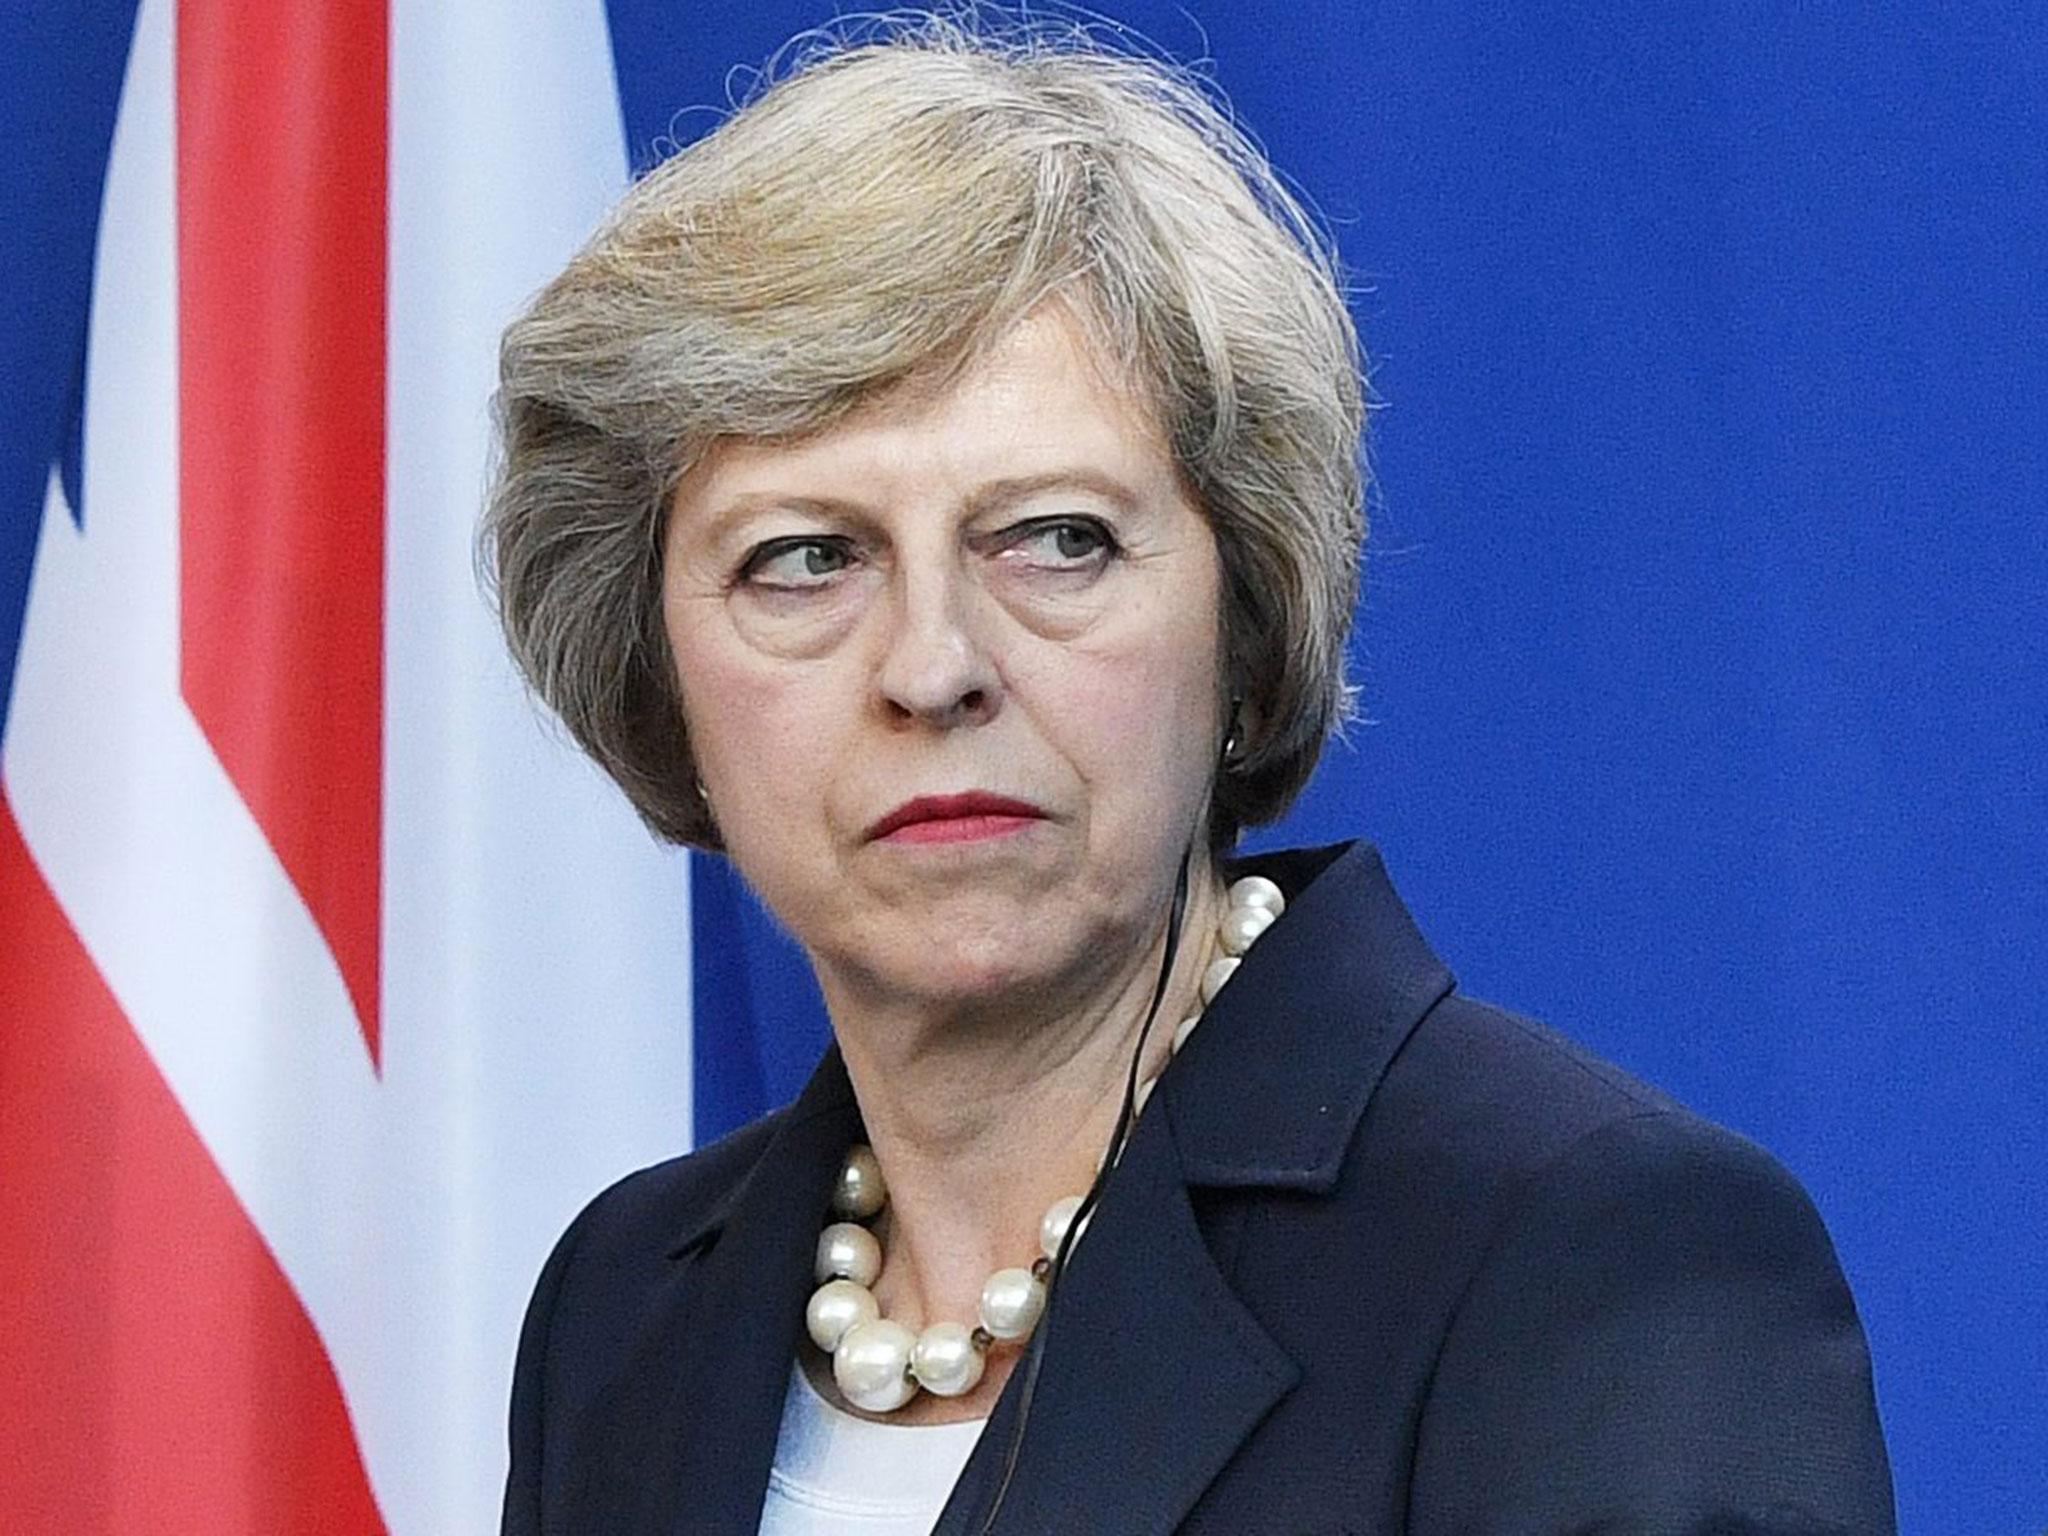 Theresa May annonce qu'elle démissionnera le  7 Juin : Comment la Première ministre britannique a creusé sa tombe politique